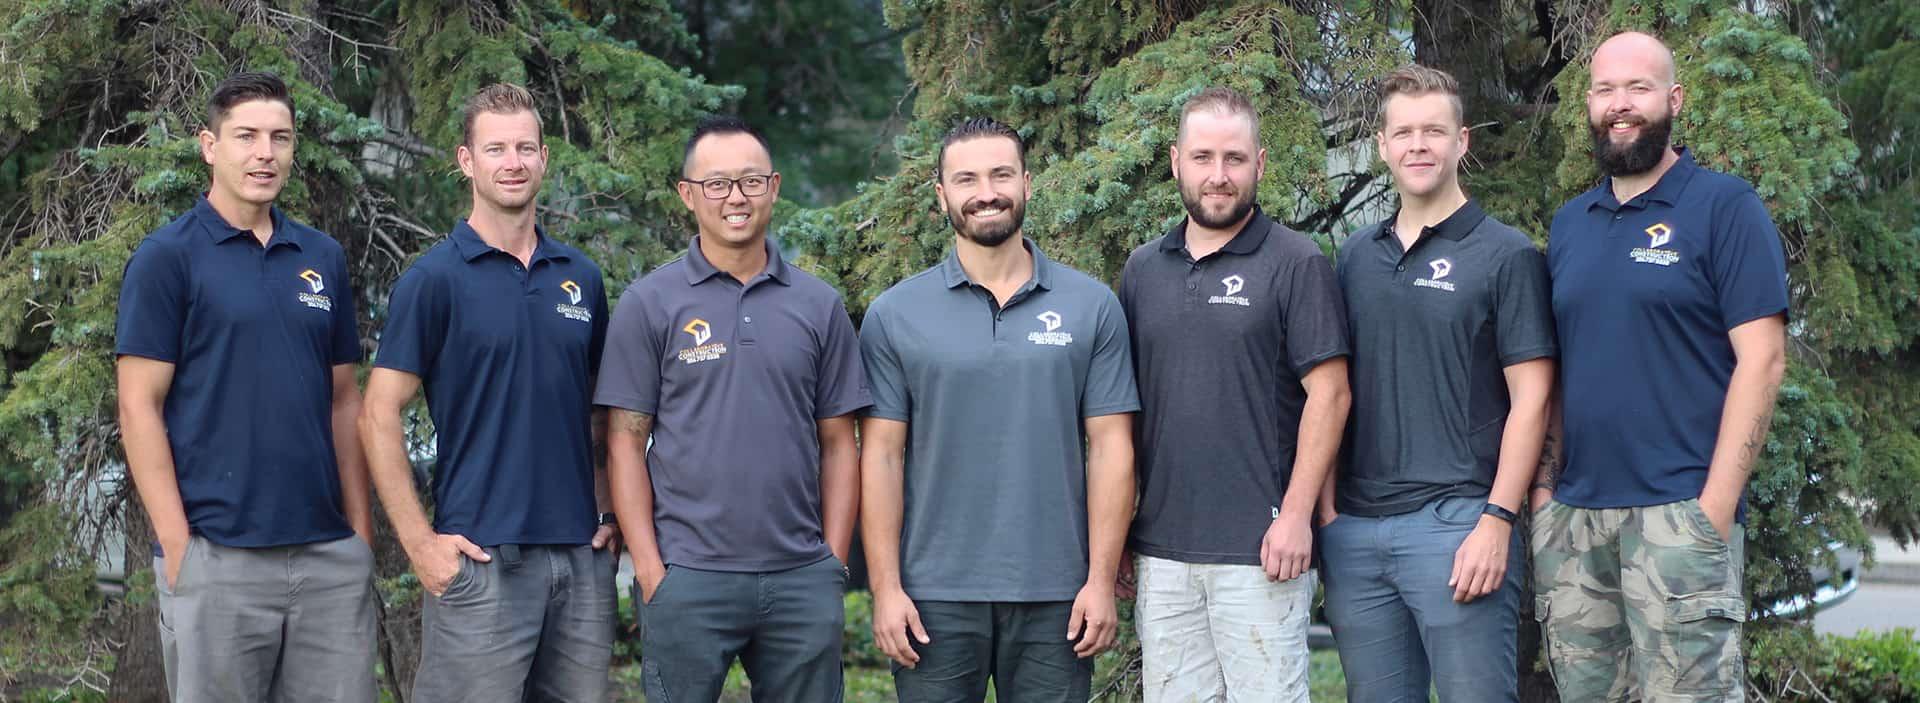 Collaborative Construction Renovation Contractors Regina Team Trust